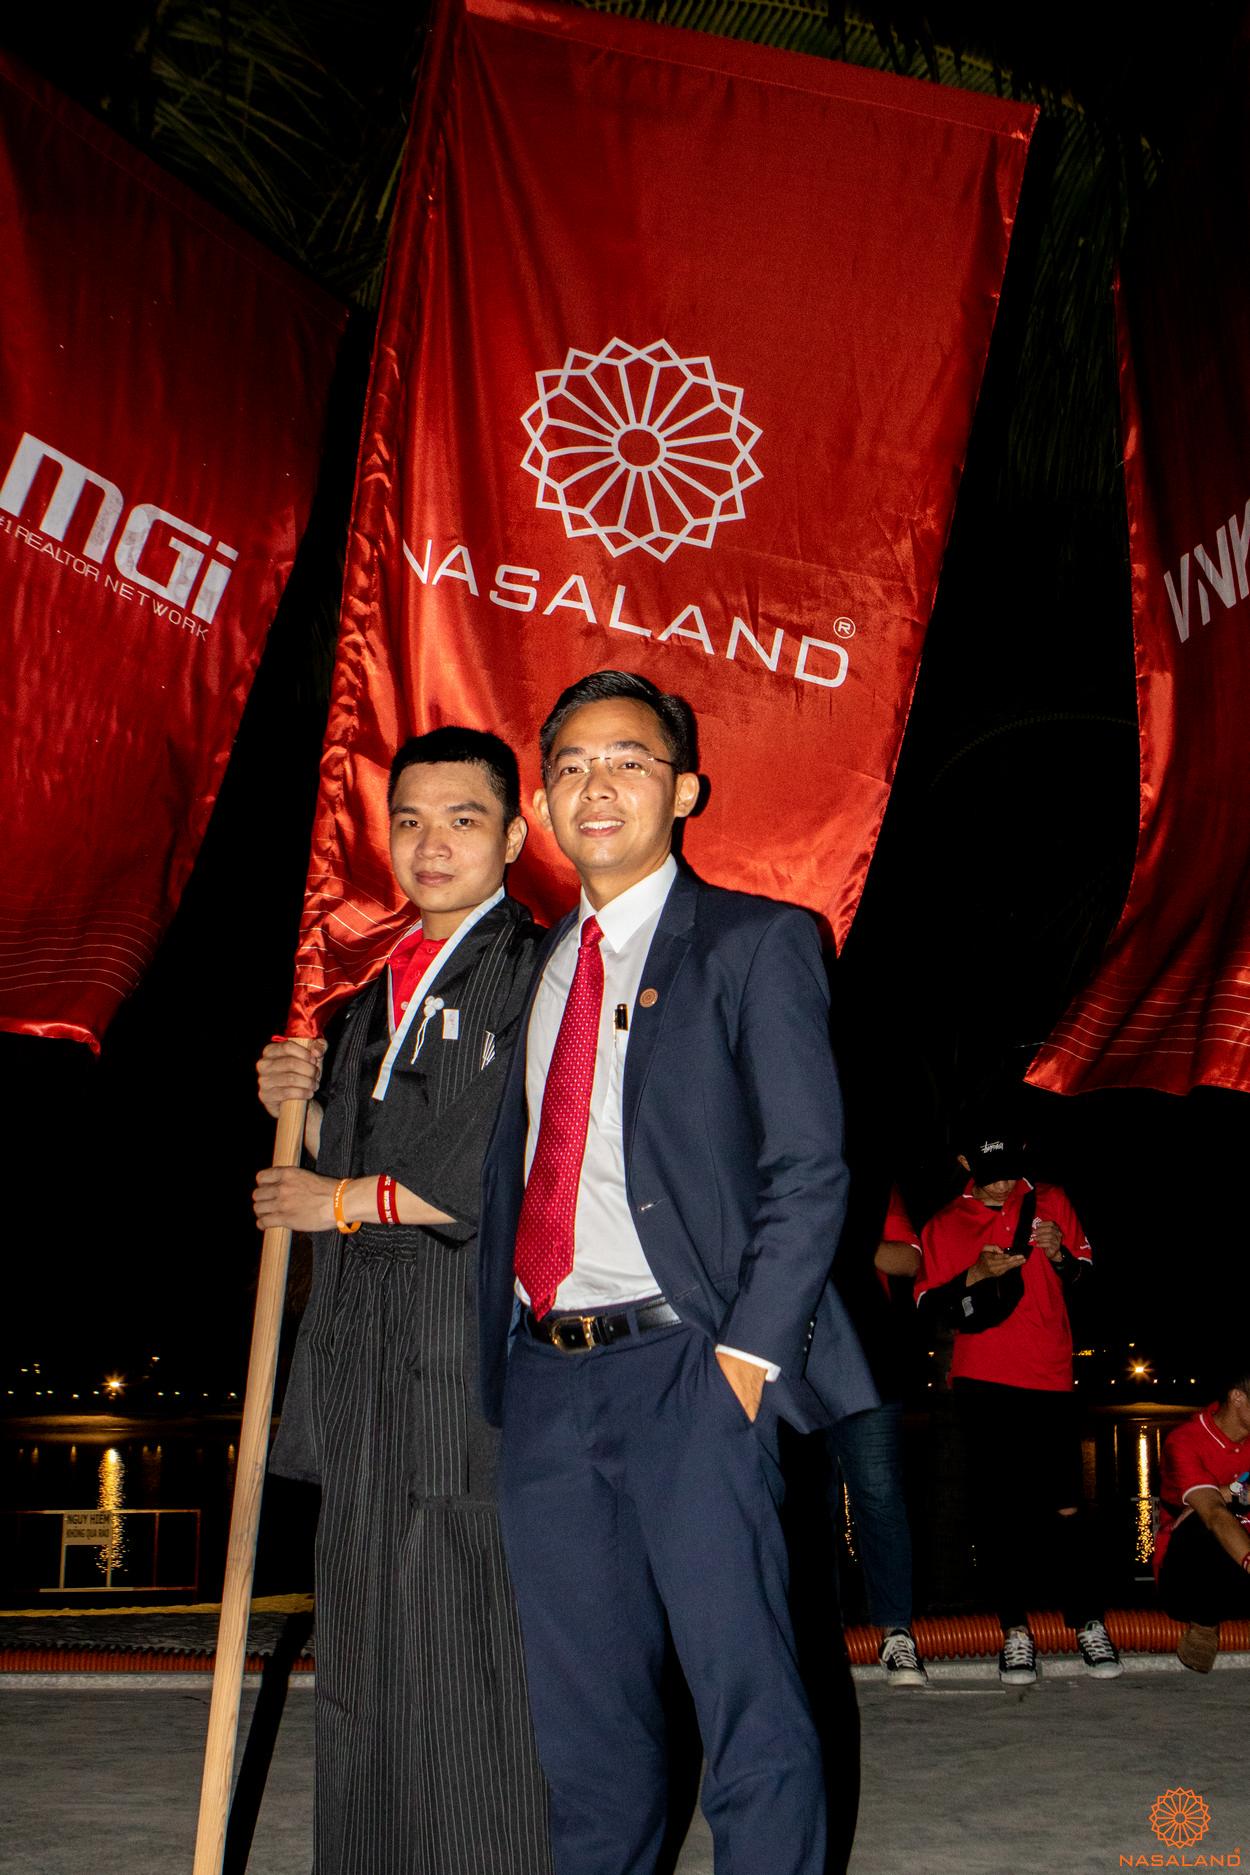 Tổng kết lễ ra quân The Origami Vinhomes Grand Park - cờ của Nasaland tại sự kiện